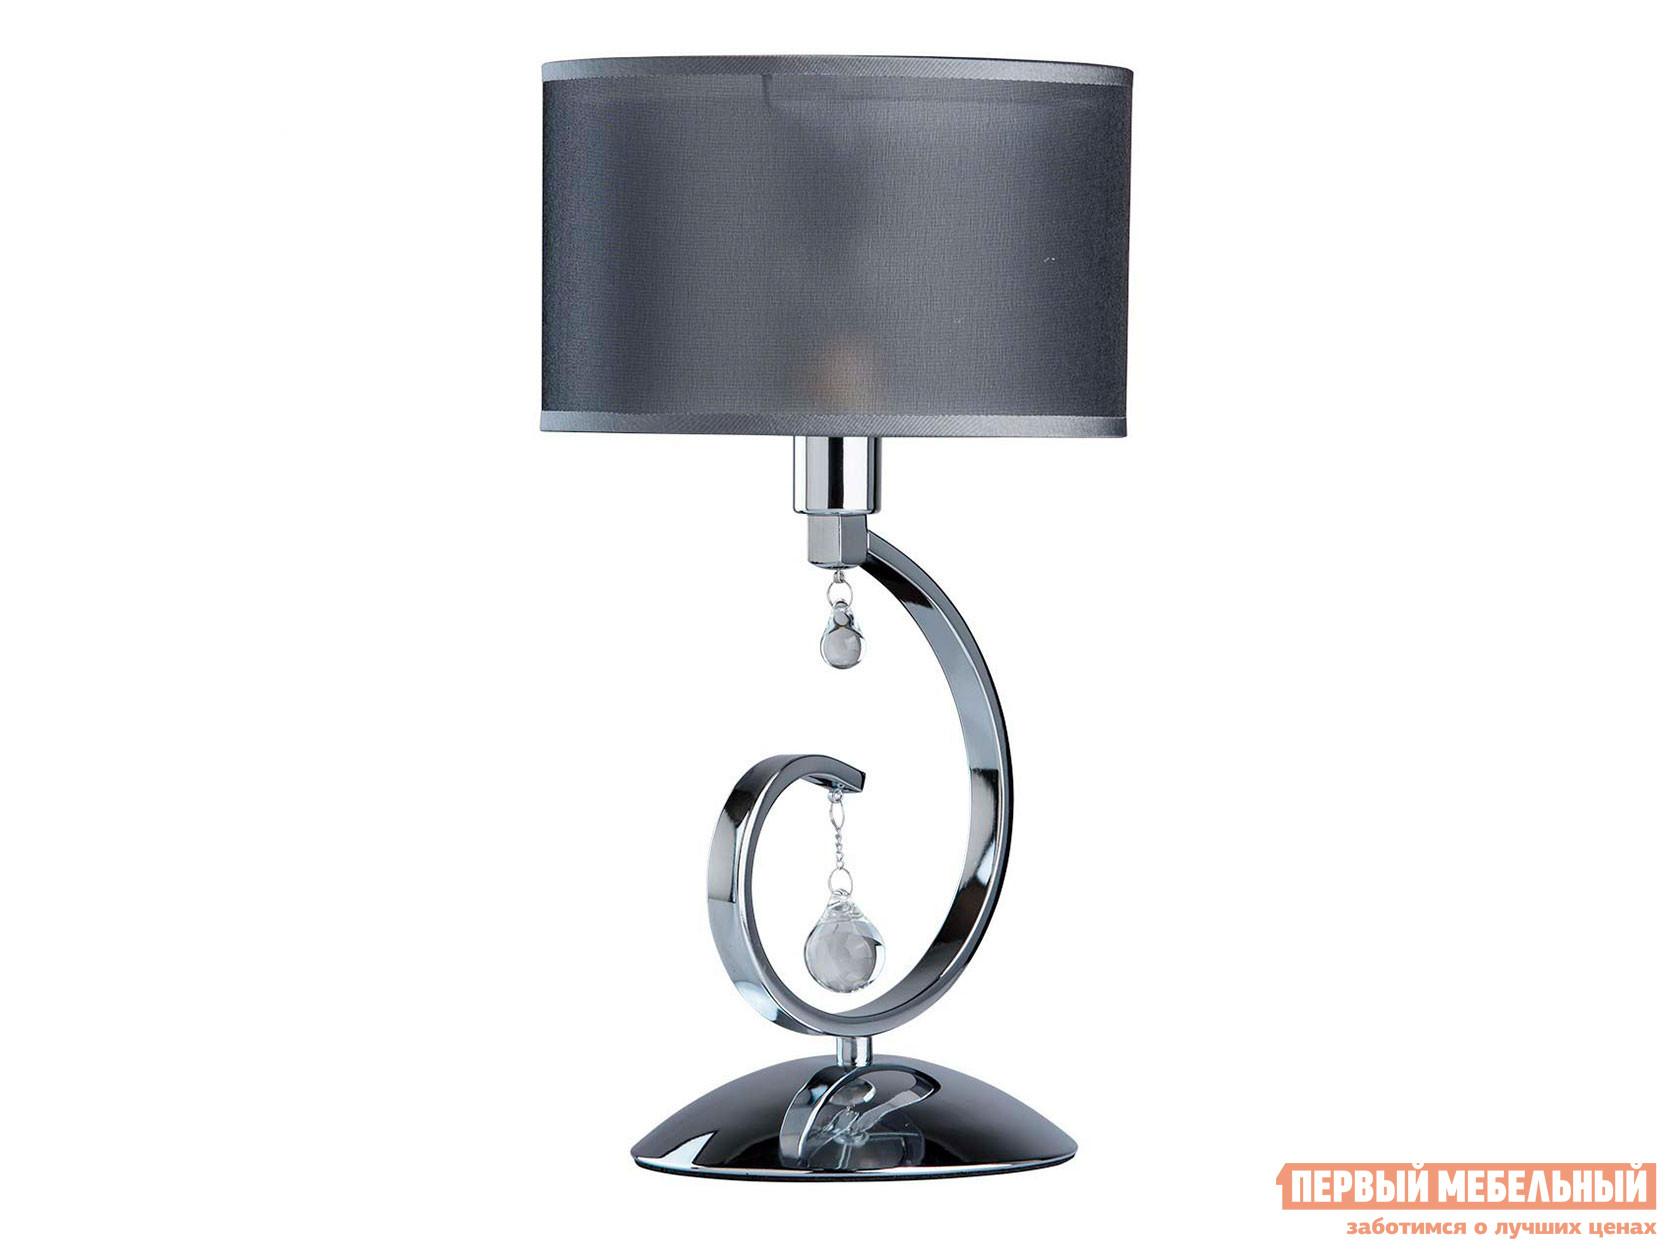 Настольная лампа Штерн 379039401 Федерика настольная лампа штерн 317031001 афродита